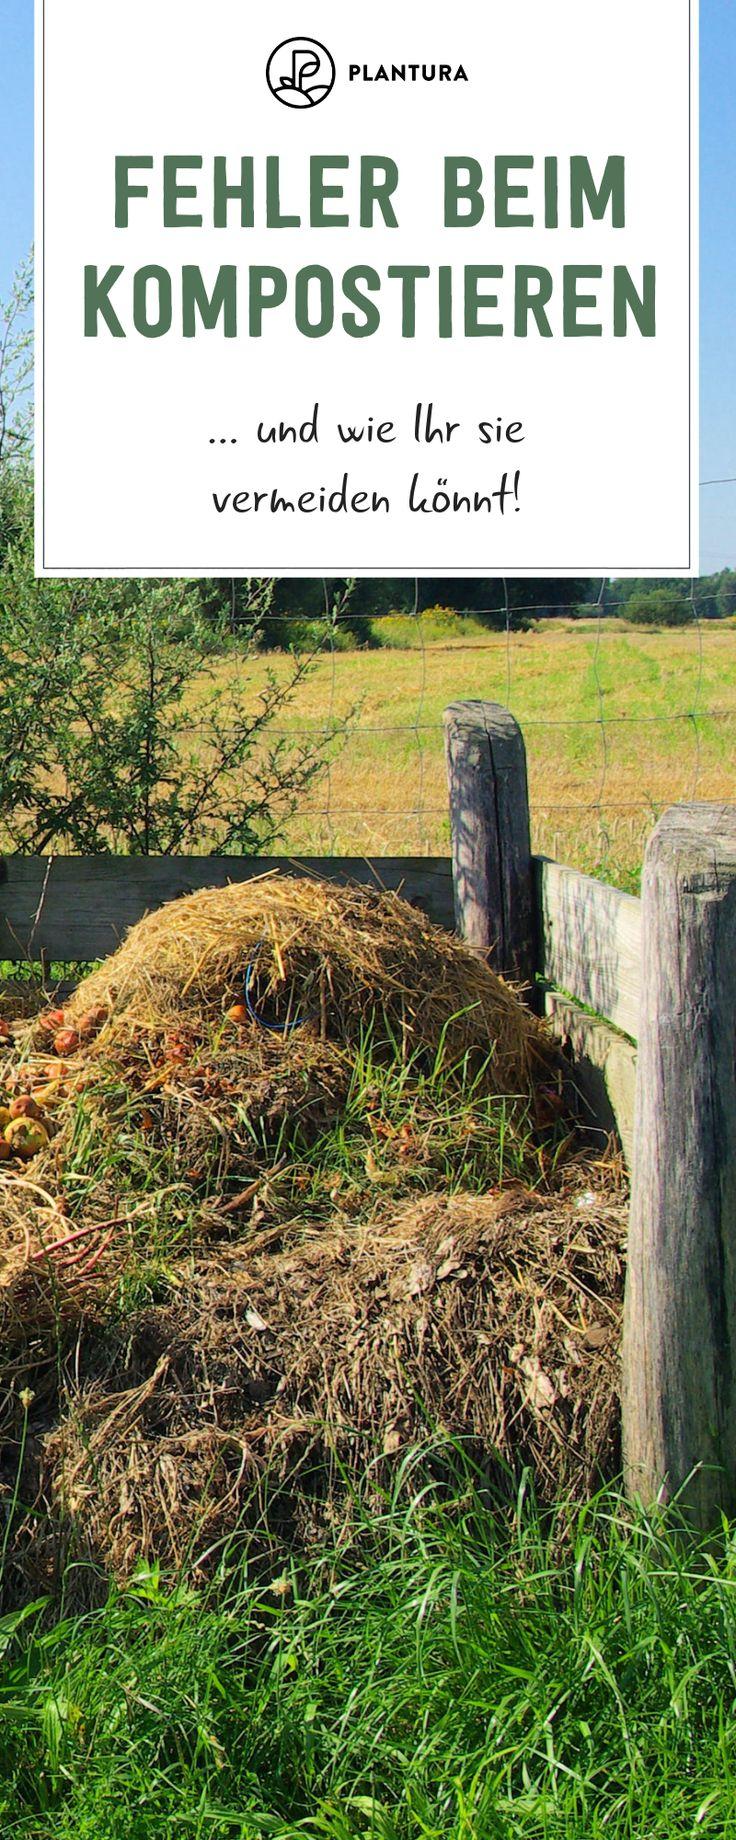 5 Fehler, die Sie beim Kompostieren unbedingt vermeiden sollten